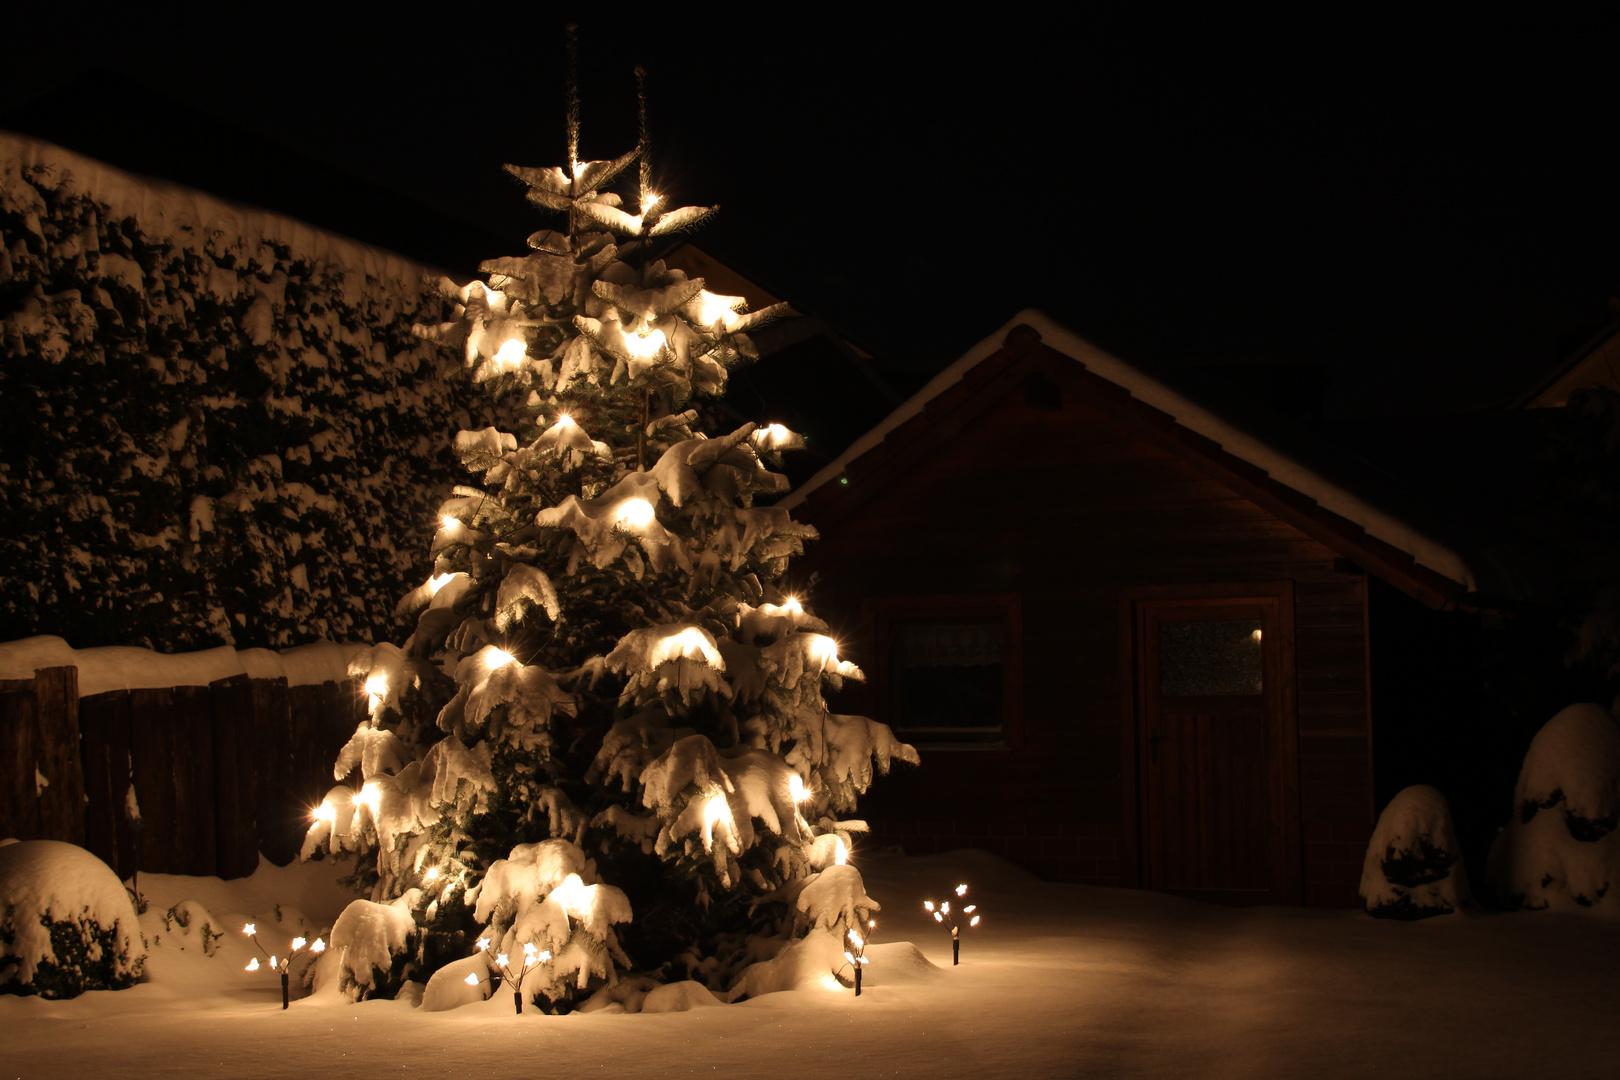 sch ner weihnachtsbaum foto bild jahreszeiten winter. Black Bedroom Furniture Sets. Home Design Ideas